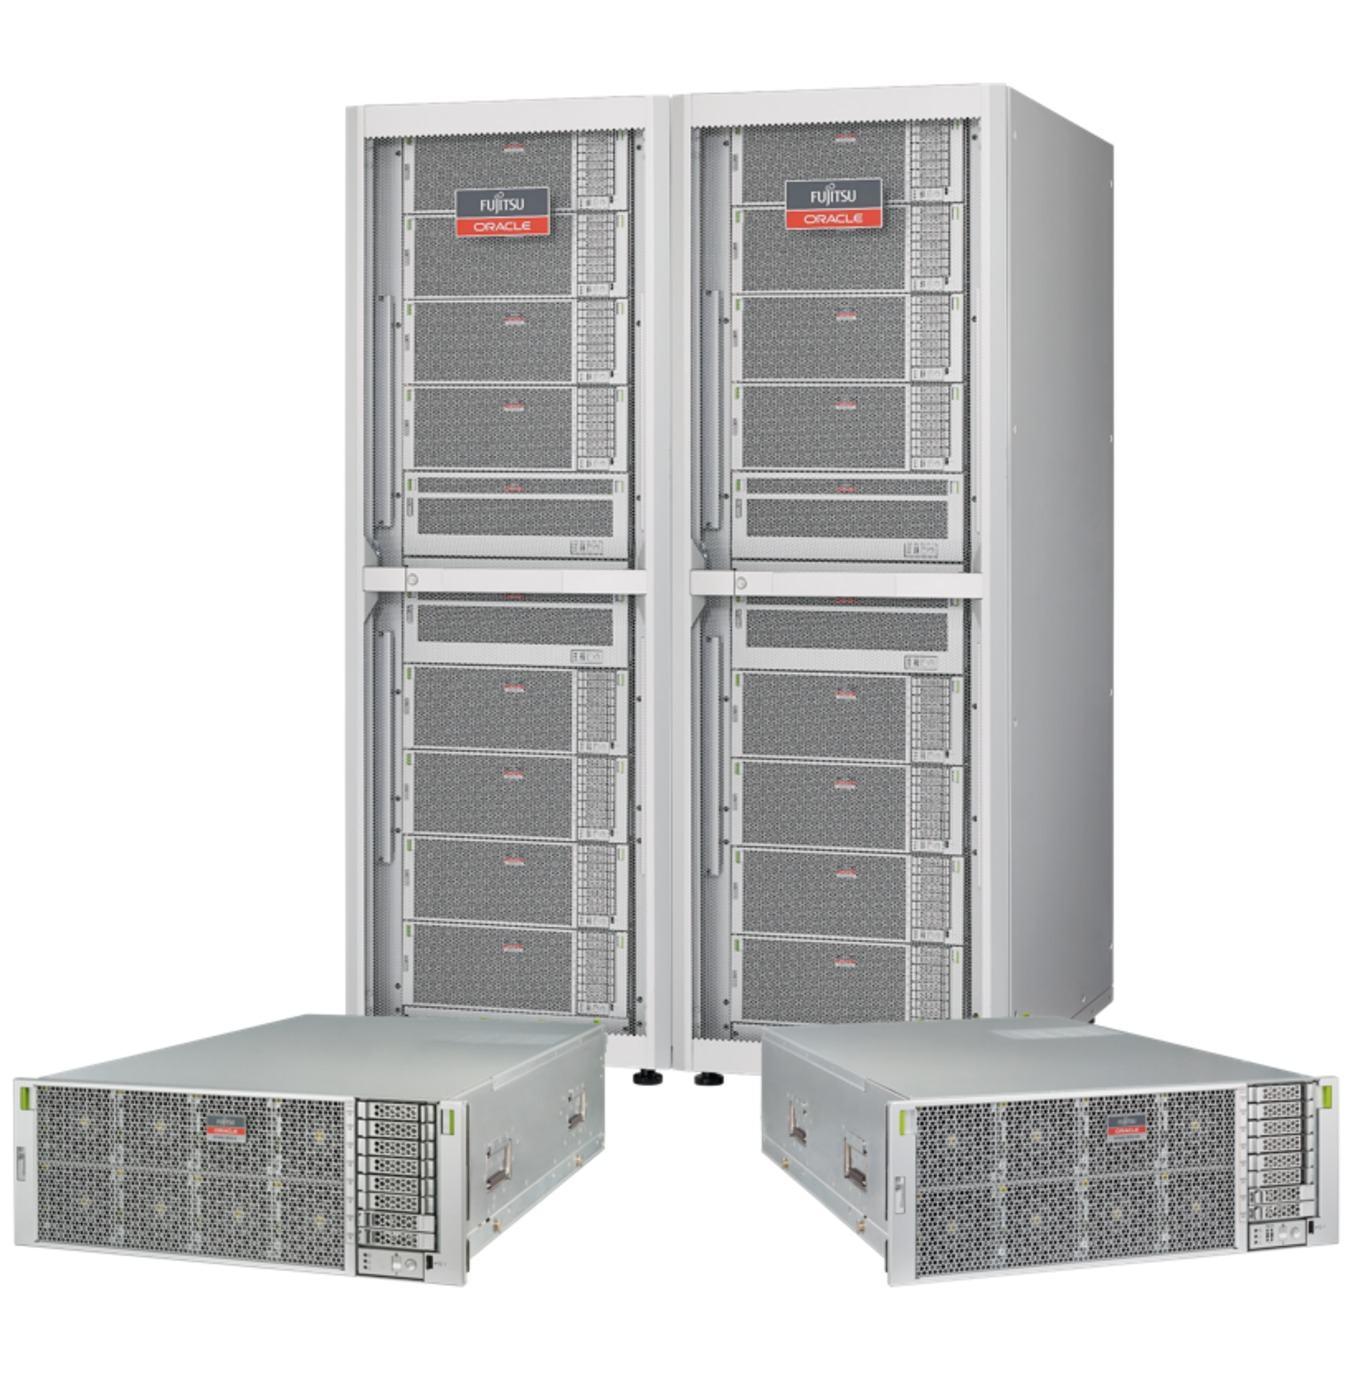 Fujitsu SPARC64 XII